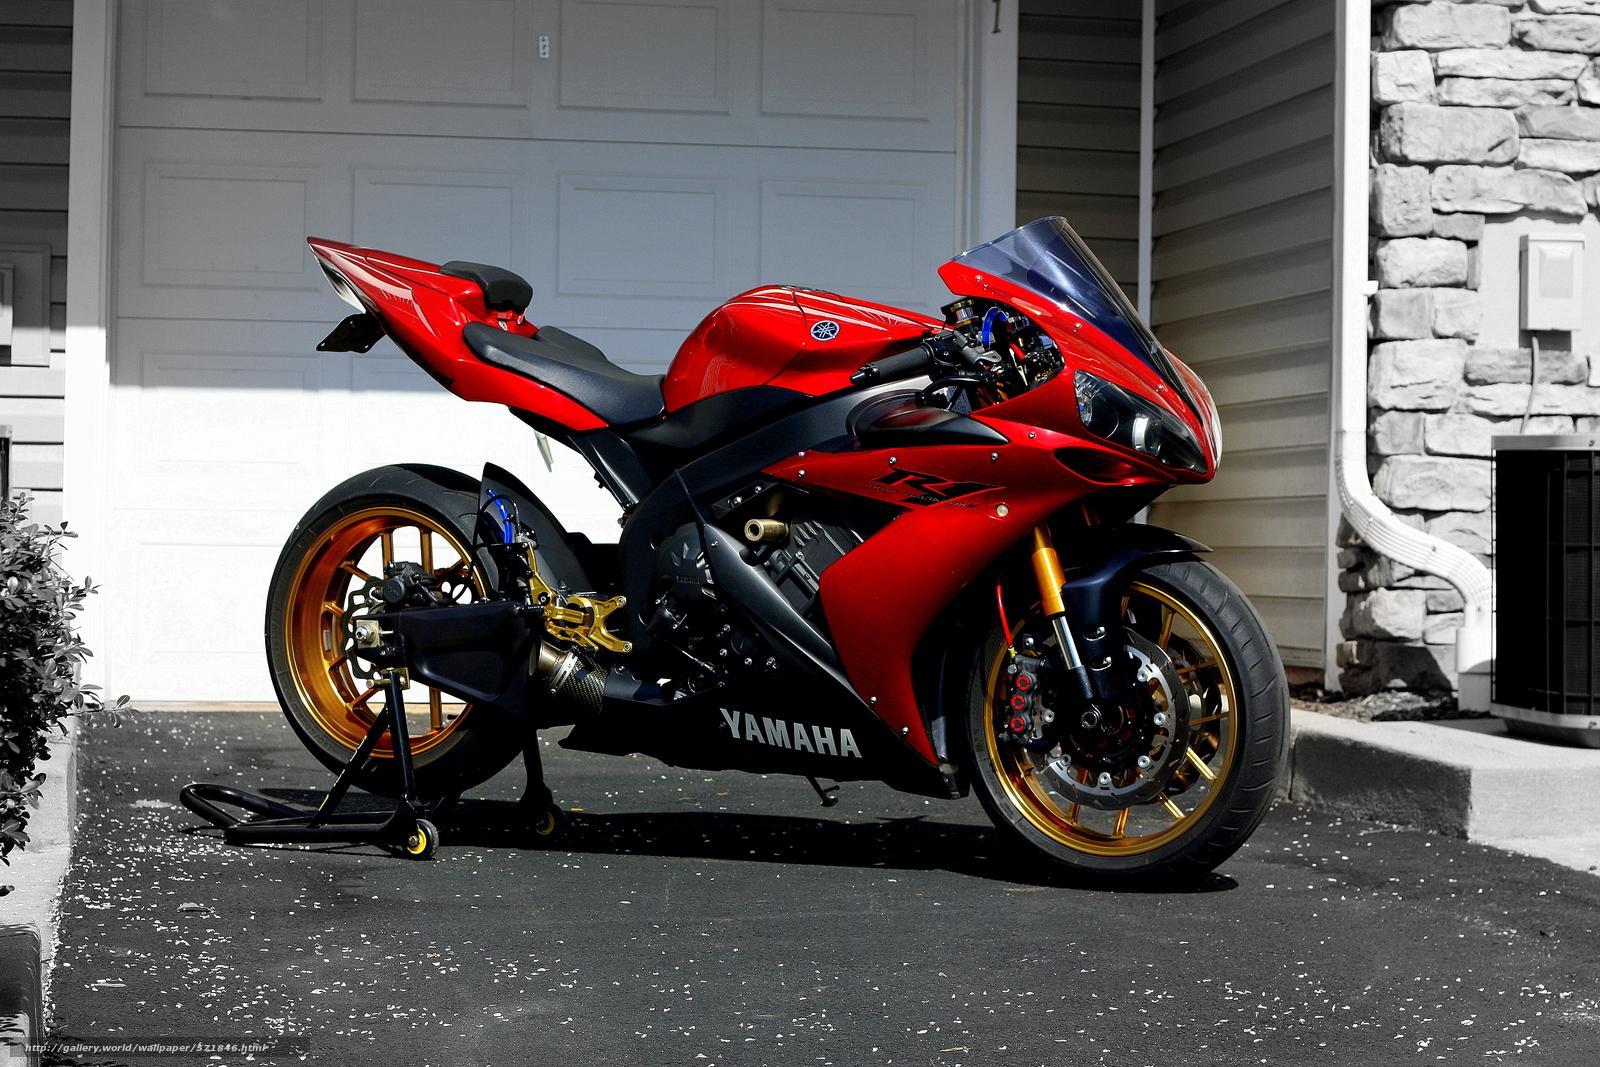 pobra tapety Yamaha,  R1,  czerwony,  Sportbikes Darmowe tapety na pulpit rozdzielczoci 4272x2848 — zdjcie №571846